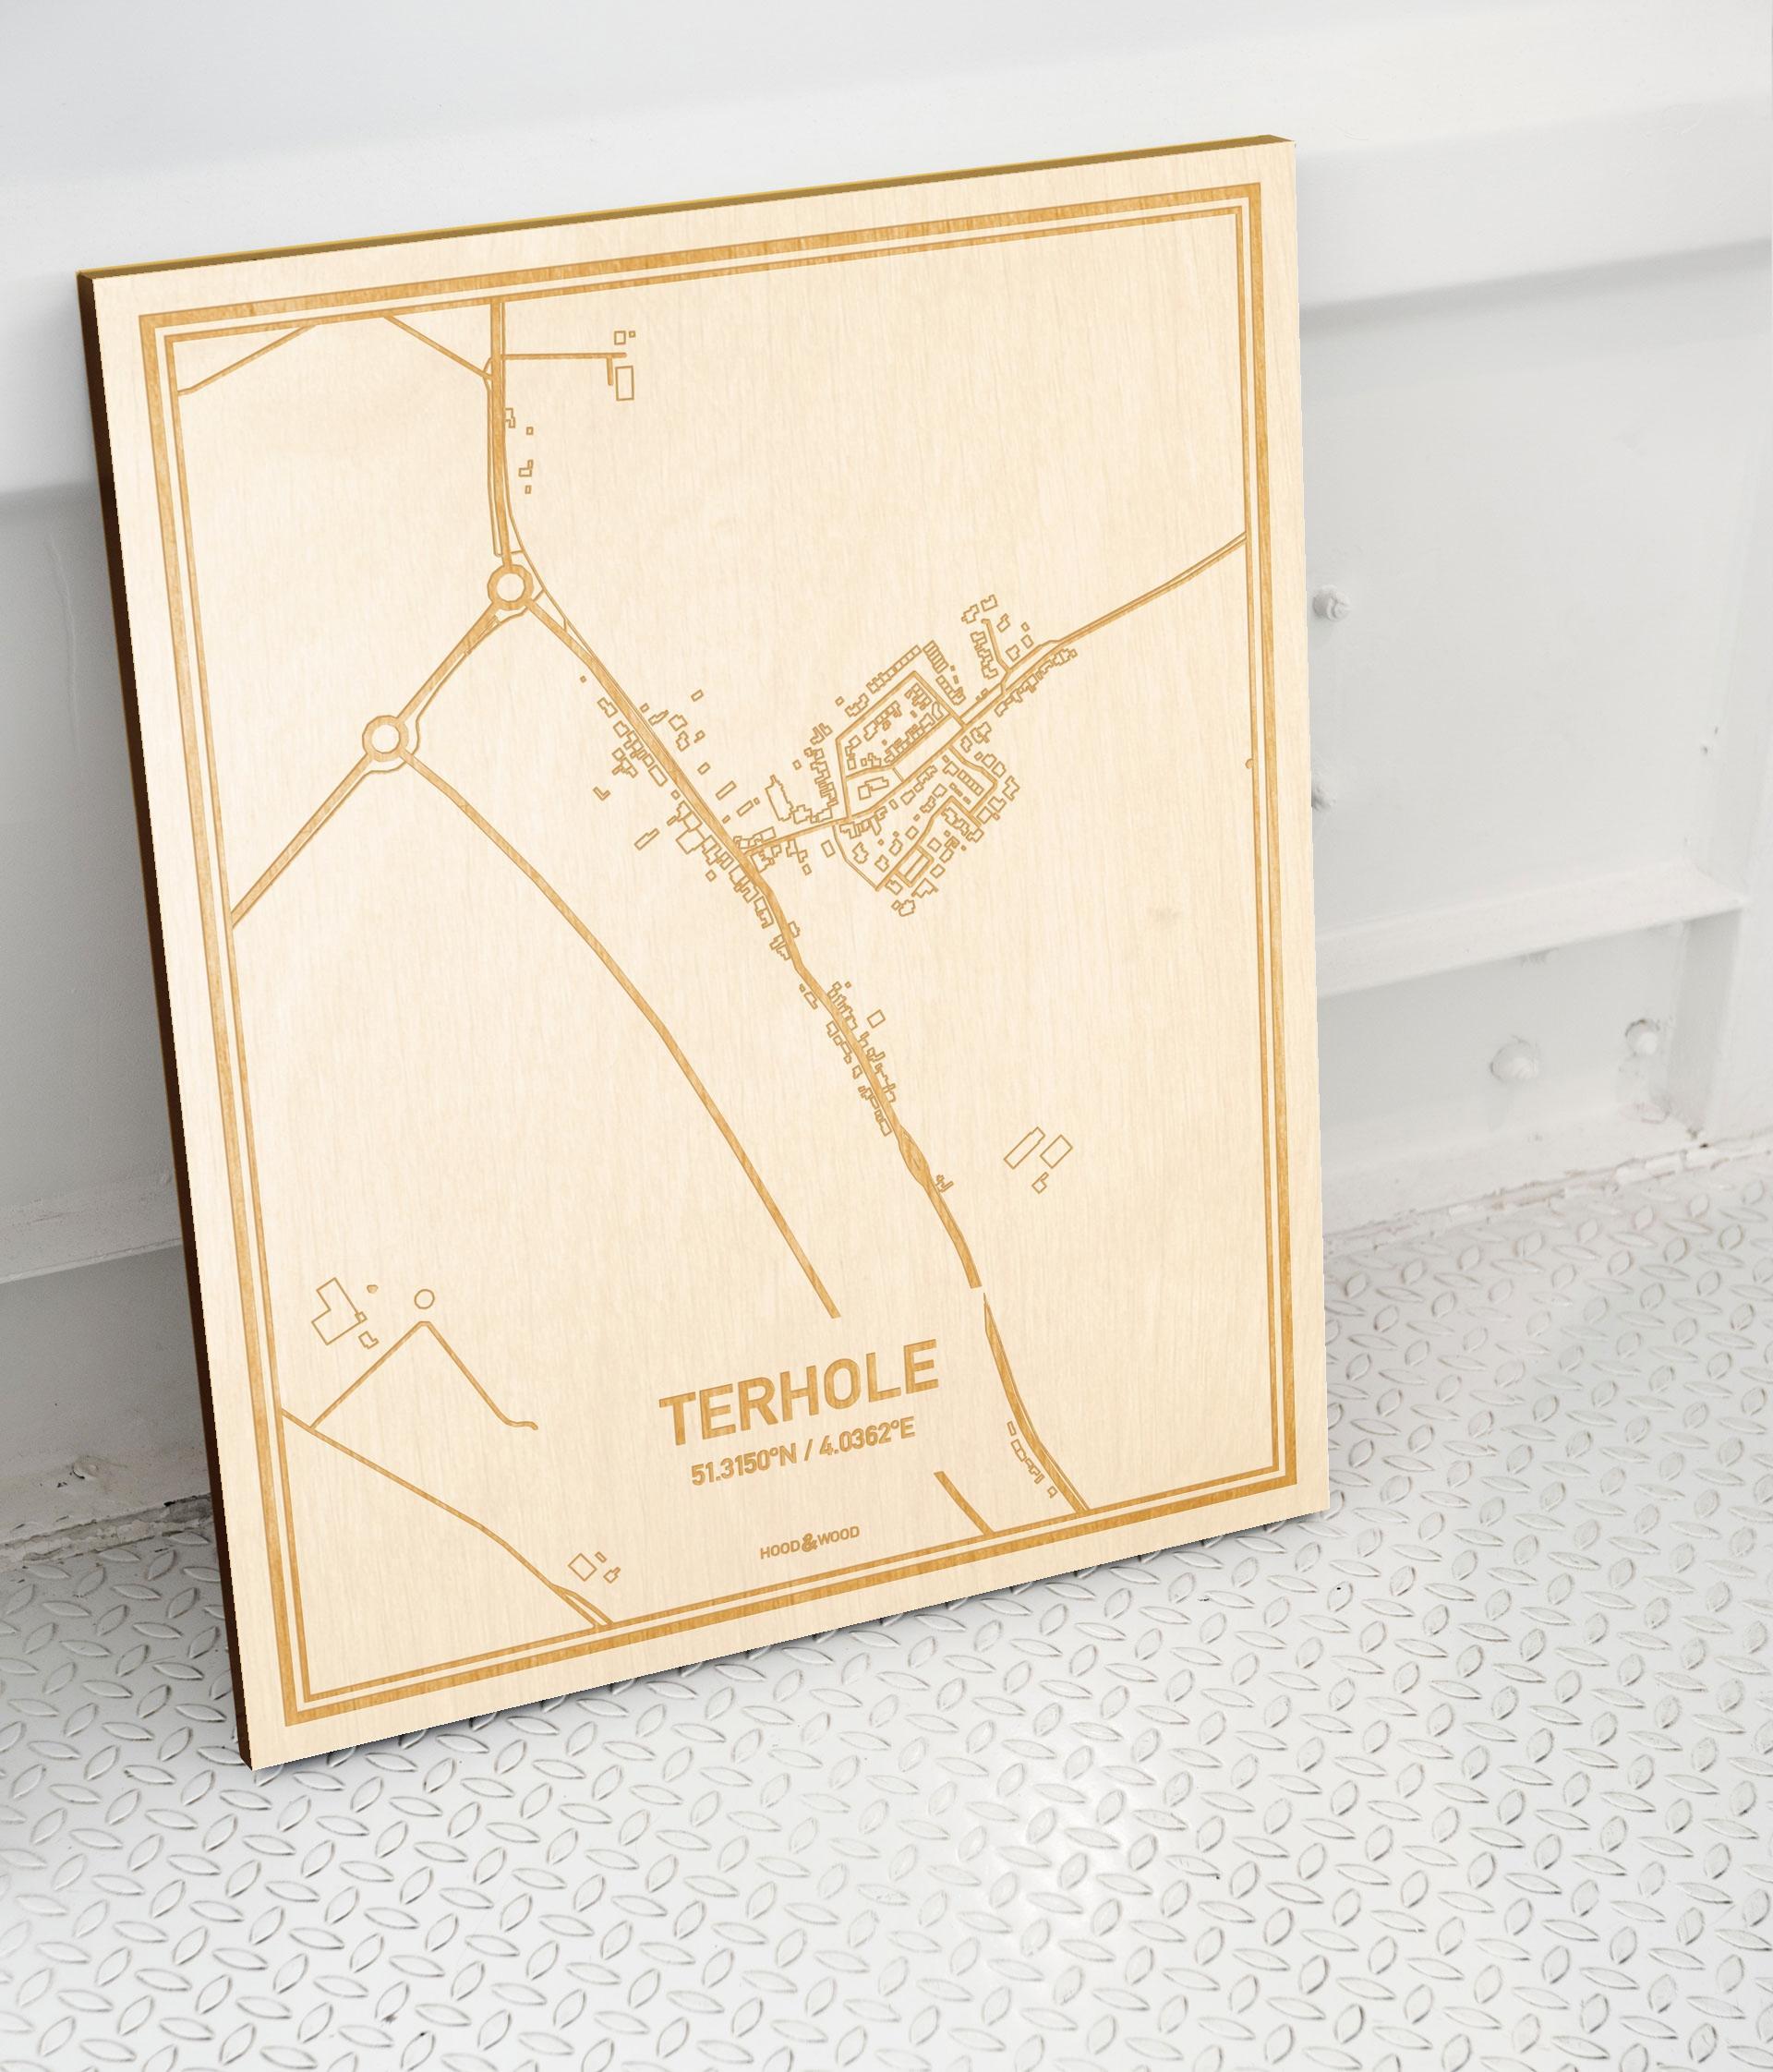 Plattegrond Terhole als prachtige houten wanddecoratie. Het warme hout contrasteert mooi met de witte muur.